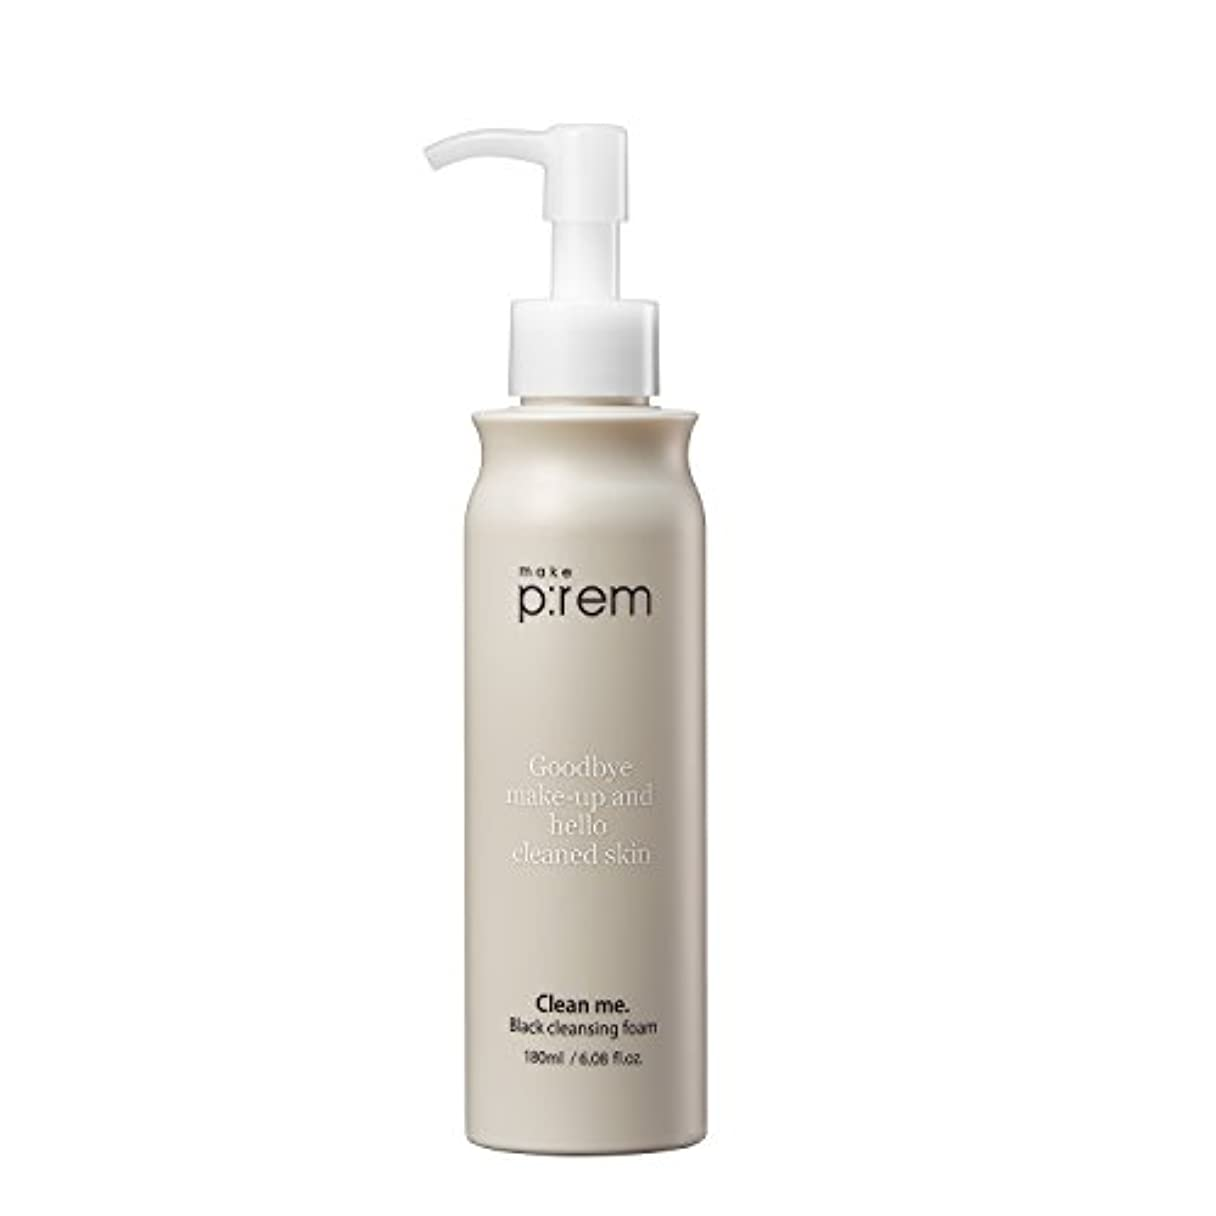 ウェイター書誌リテラシー[MAKE P:REM] clean me. 黒 クレンジング?フォーム 180ml black cleansing foam / 韓国製 . 韓国直送品